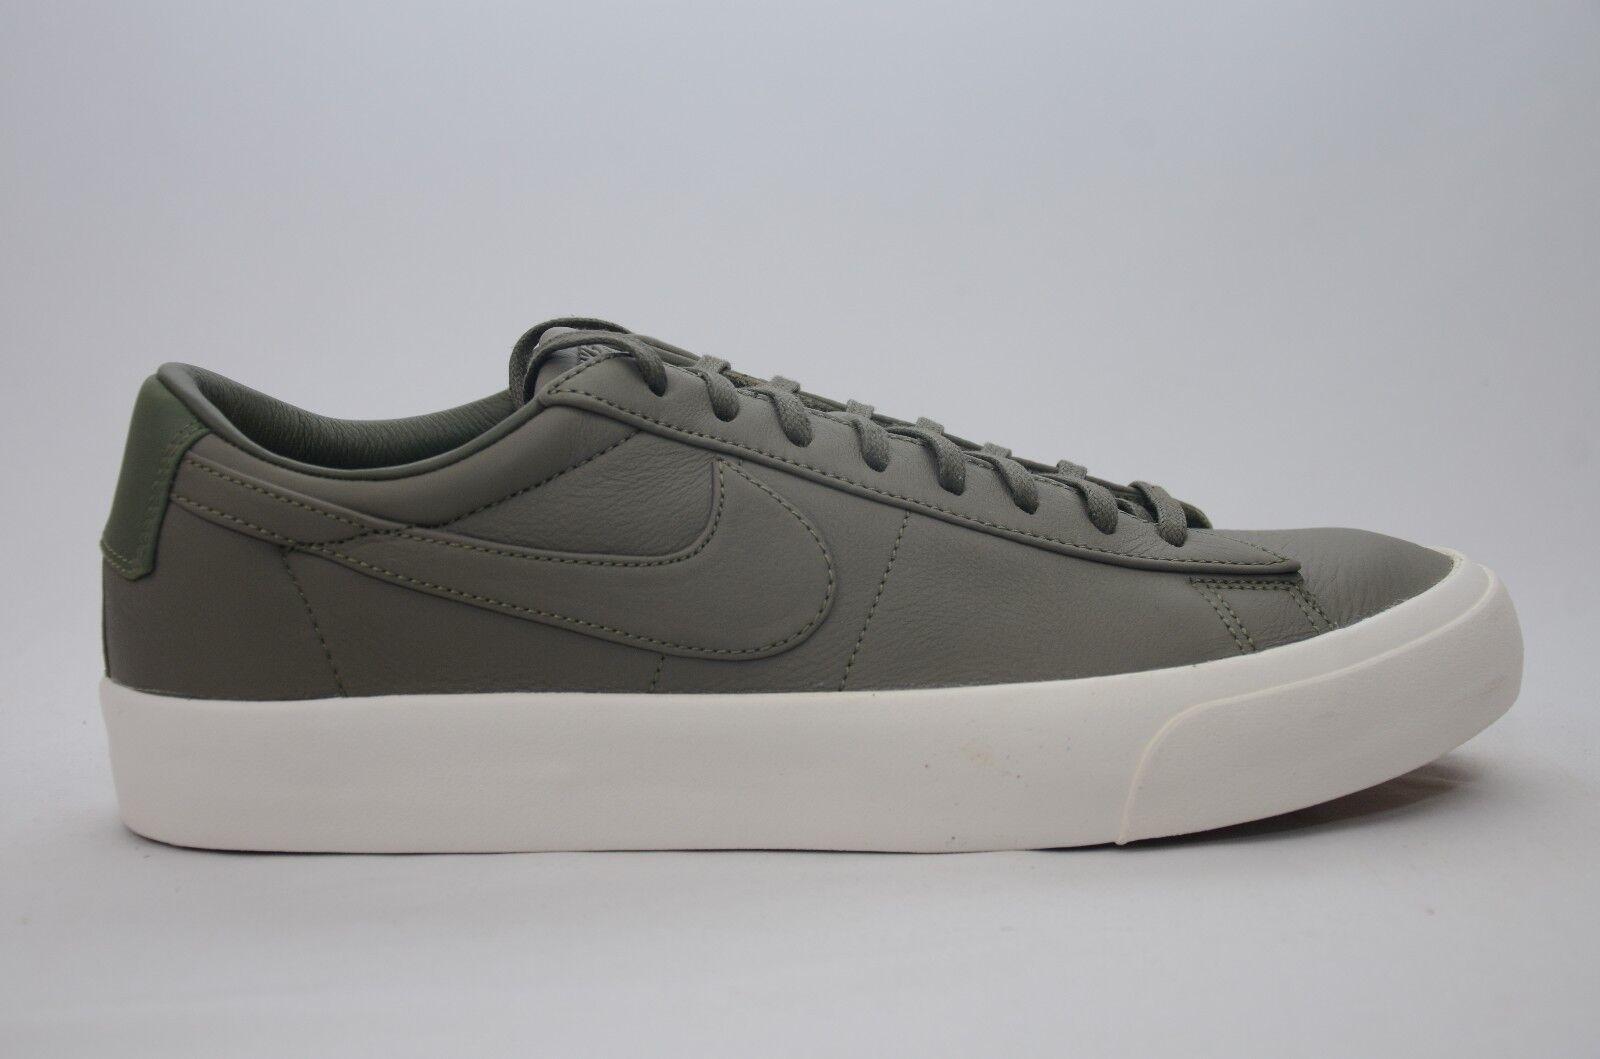 NikeLab Blazer Studio Low Low Low Haze Men's Size 8-13 New in Box 904804 300 e6582a